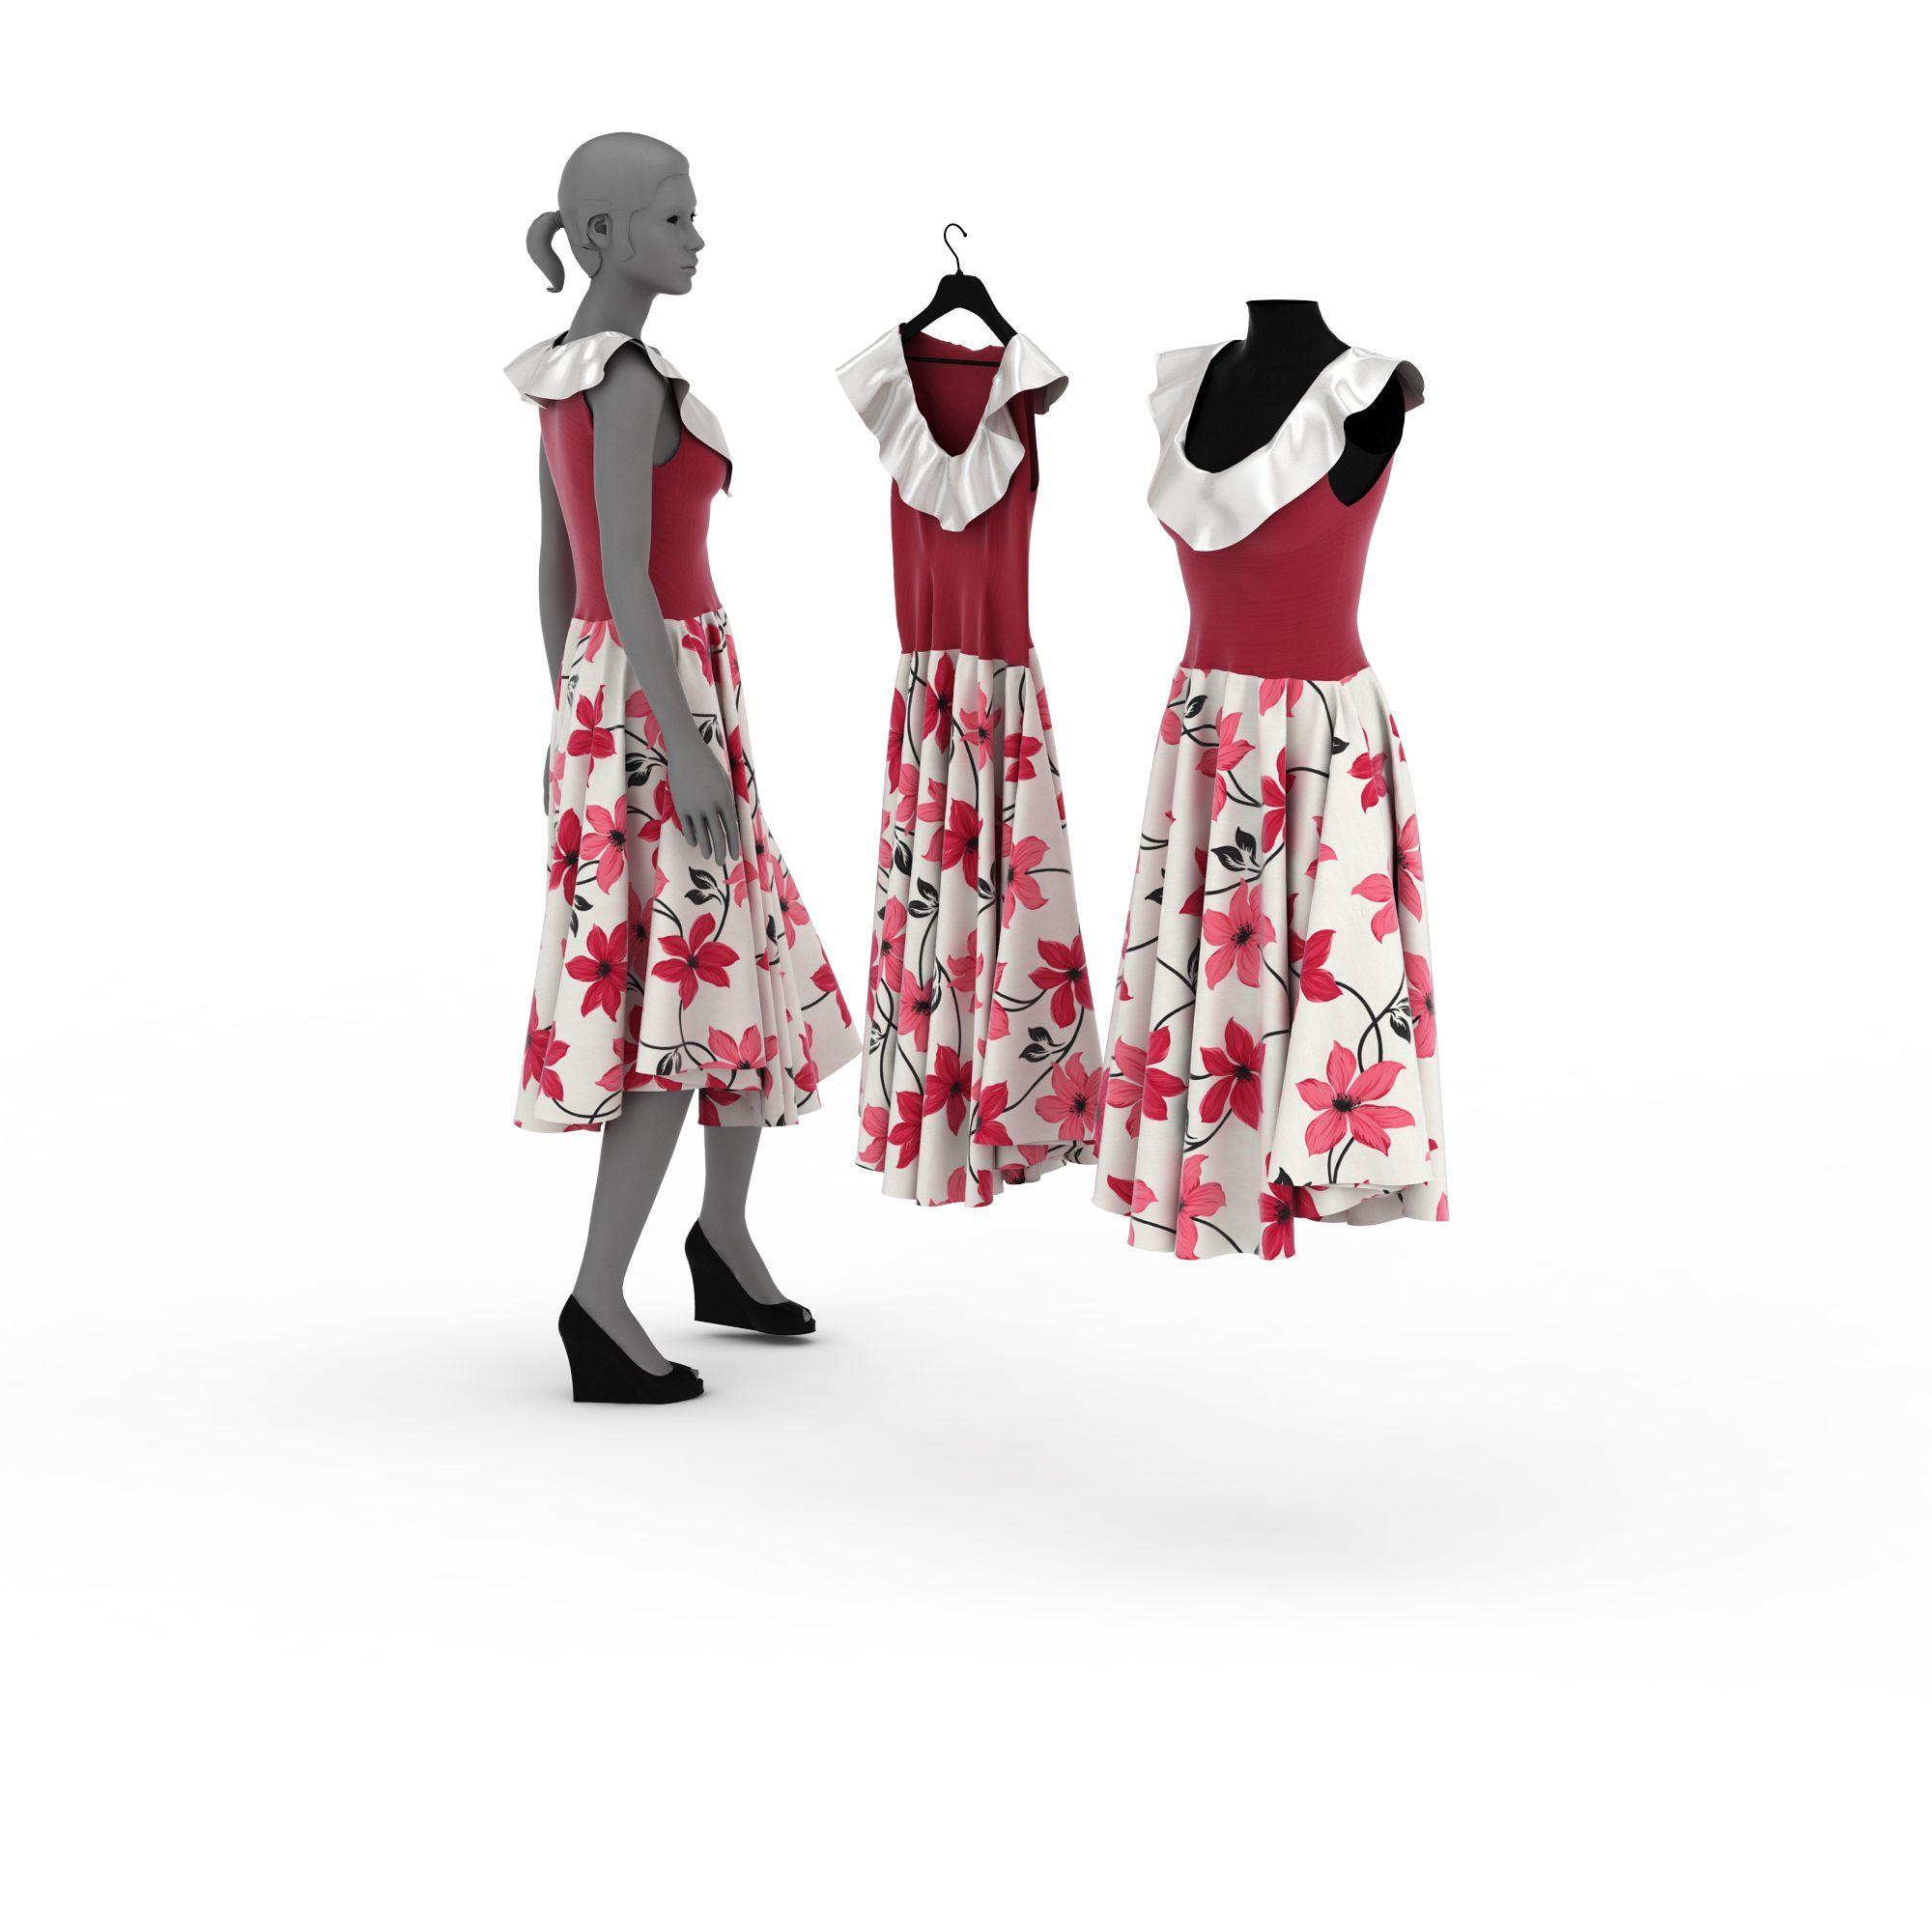 女士模特裙子图片_女士模特裙子png图片素材_女士模特